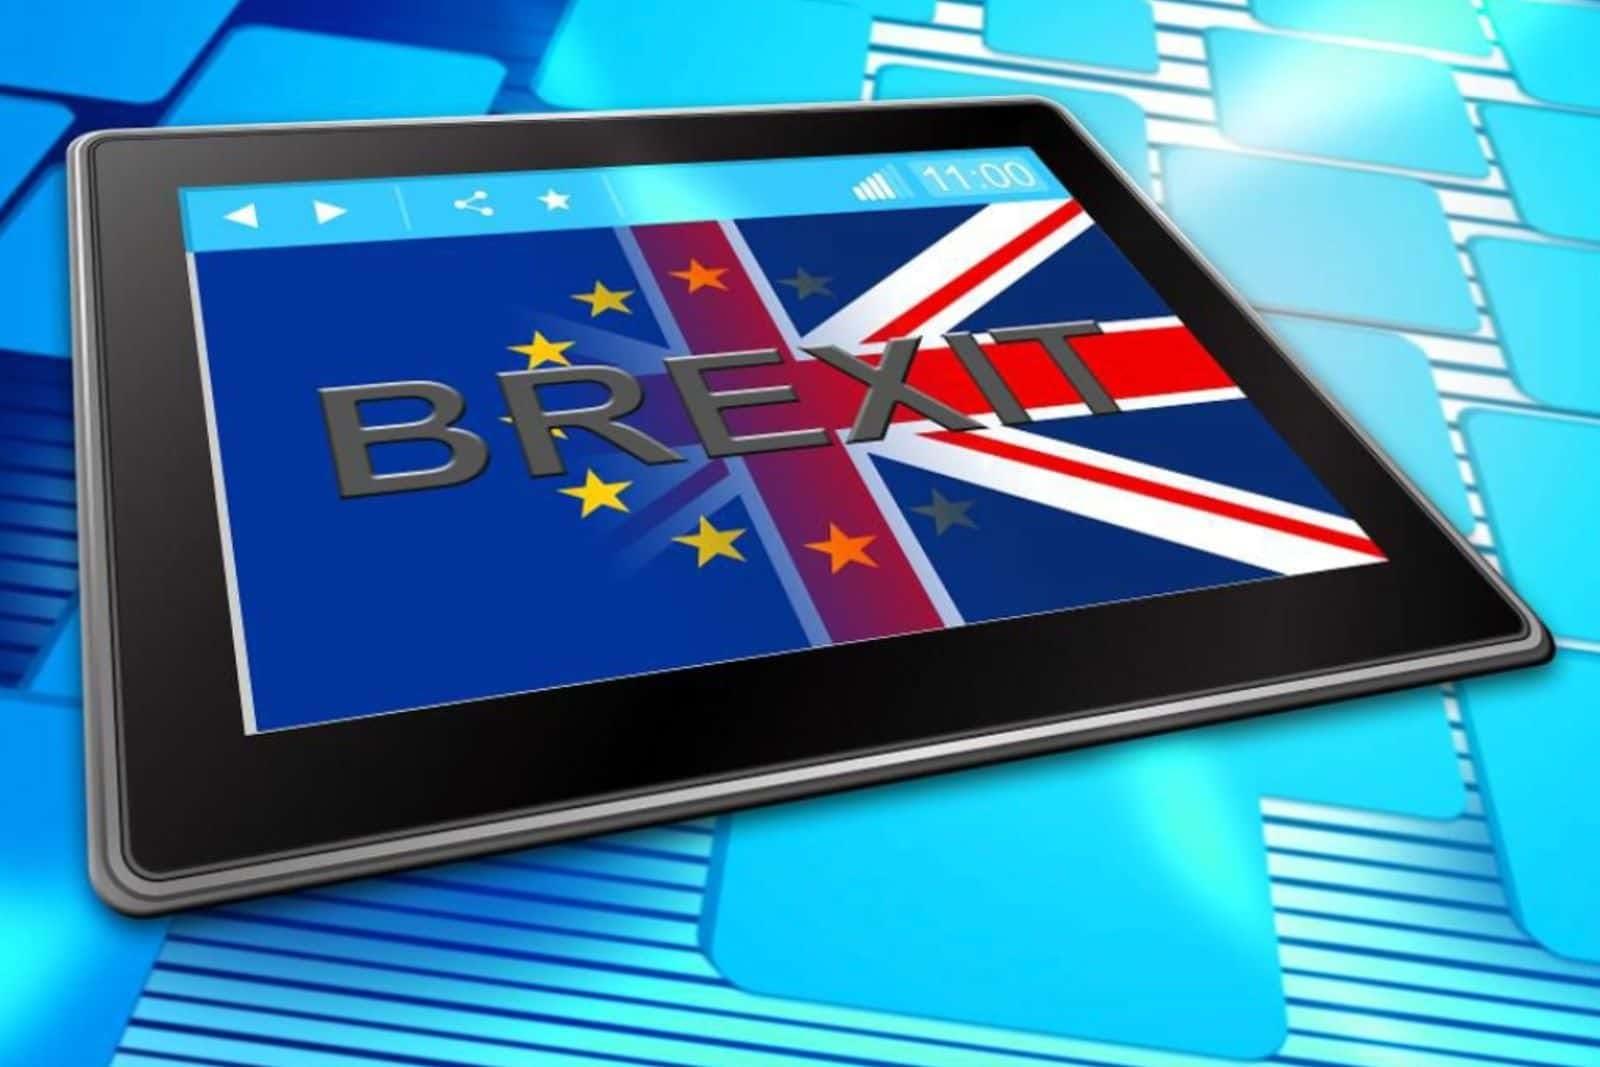 Brexit flag displayed on tablet